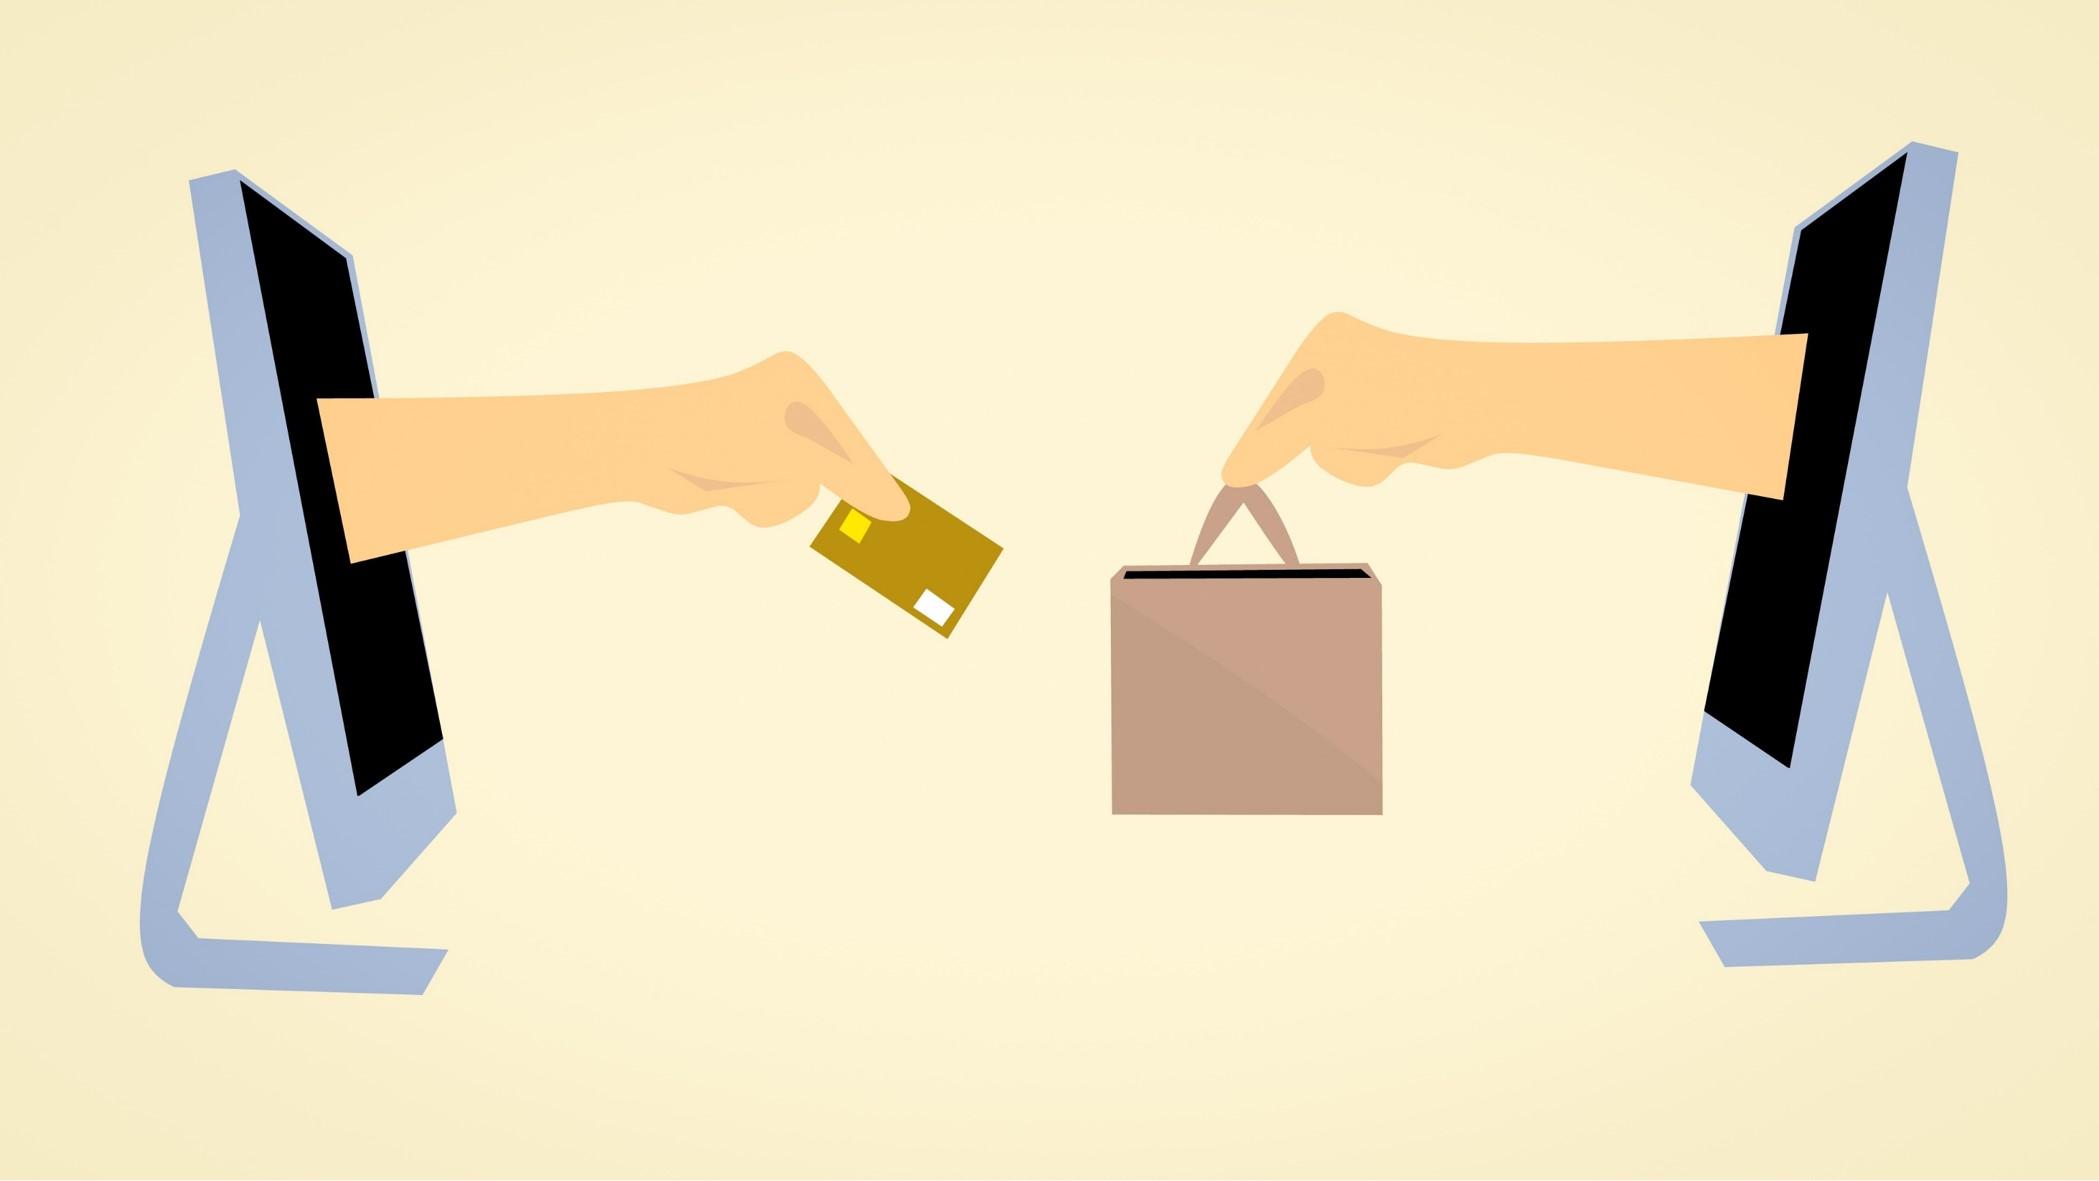 Titelbild der Studie Zahlungsabwicklung und Forderungsmanagement im Online-Handel in Zeiten von Corona